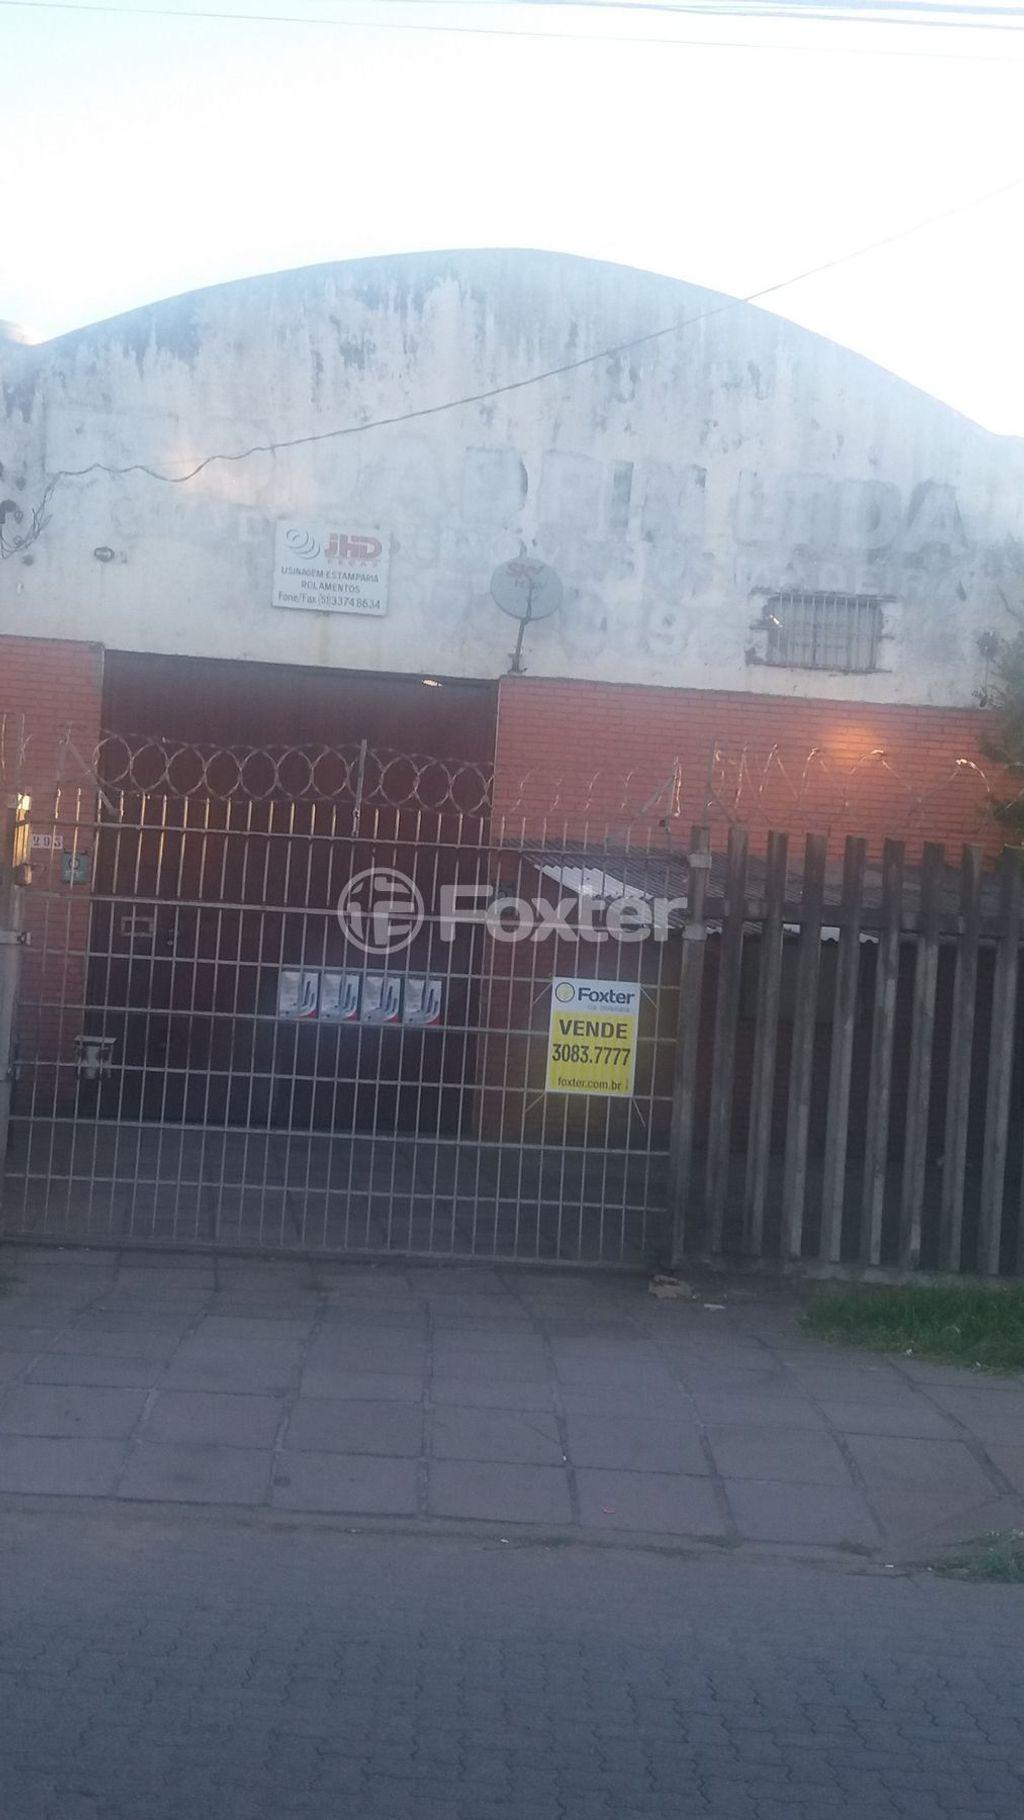 Foxter Imobiliária - Depósito, Farrapos (136959) - Foto 4